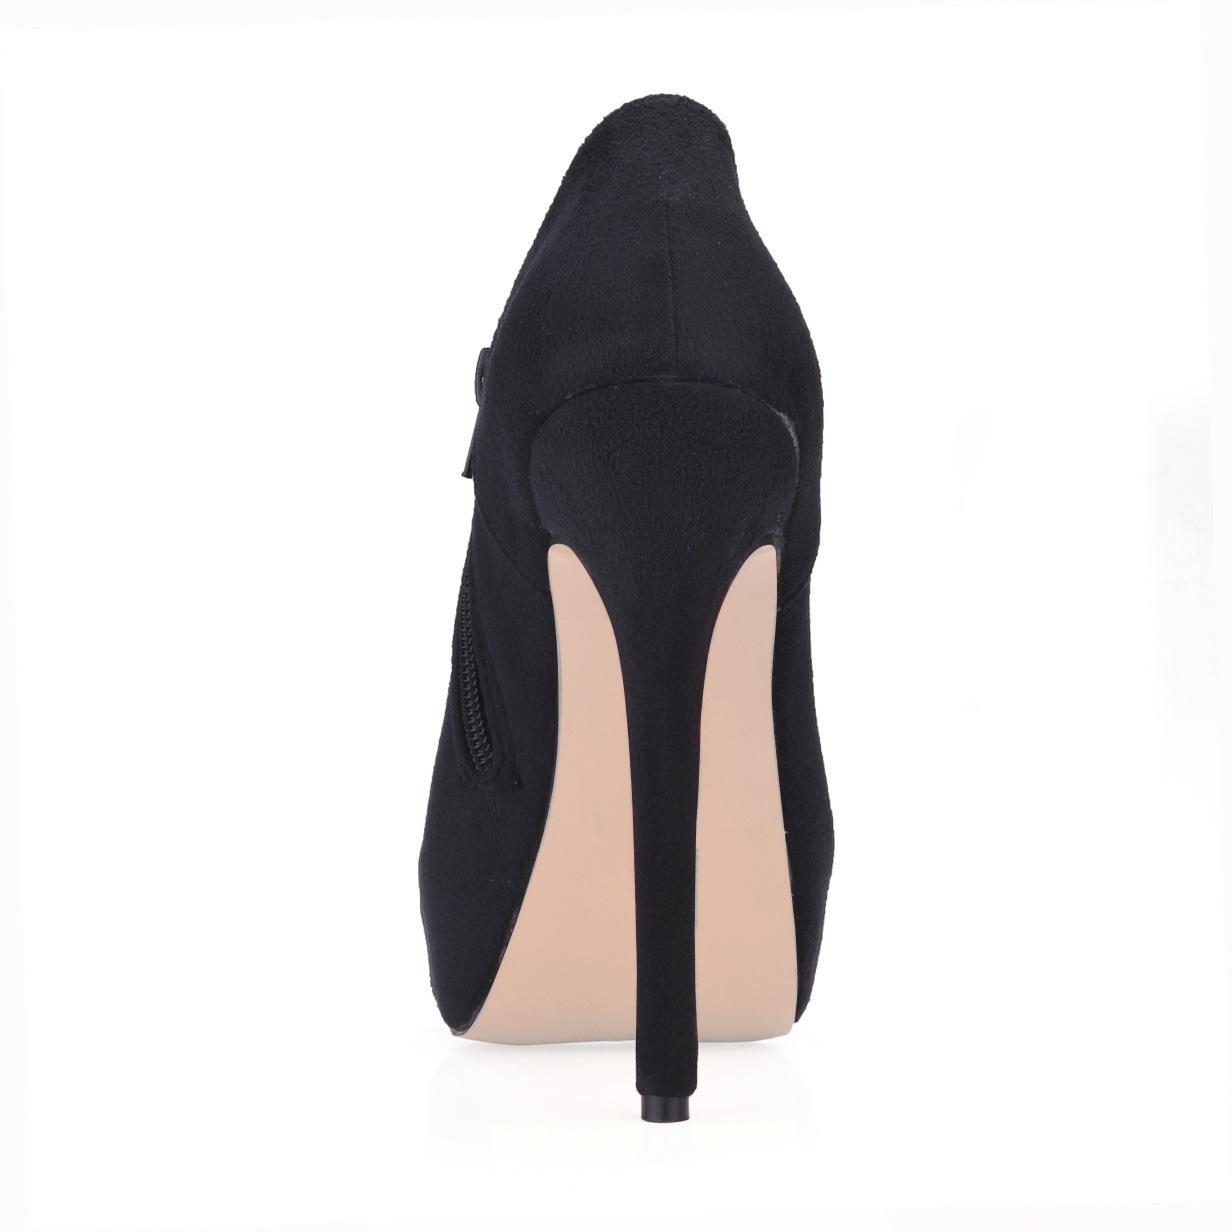 Best 4U® Frauen Frauen Frauen Stiefel Elastische Samt 14 cm High Heels 3 cm Plattform Stiletto Gummisohle Runde Kappe Zippe Herbst Winter Schuhe Schwarz 83563a